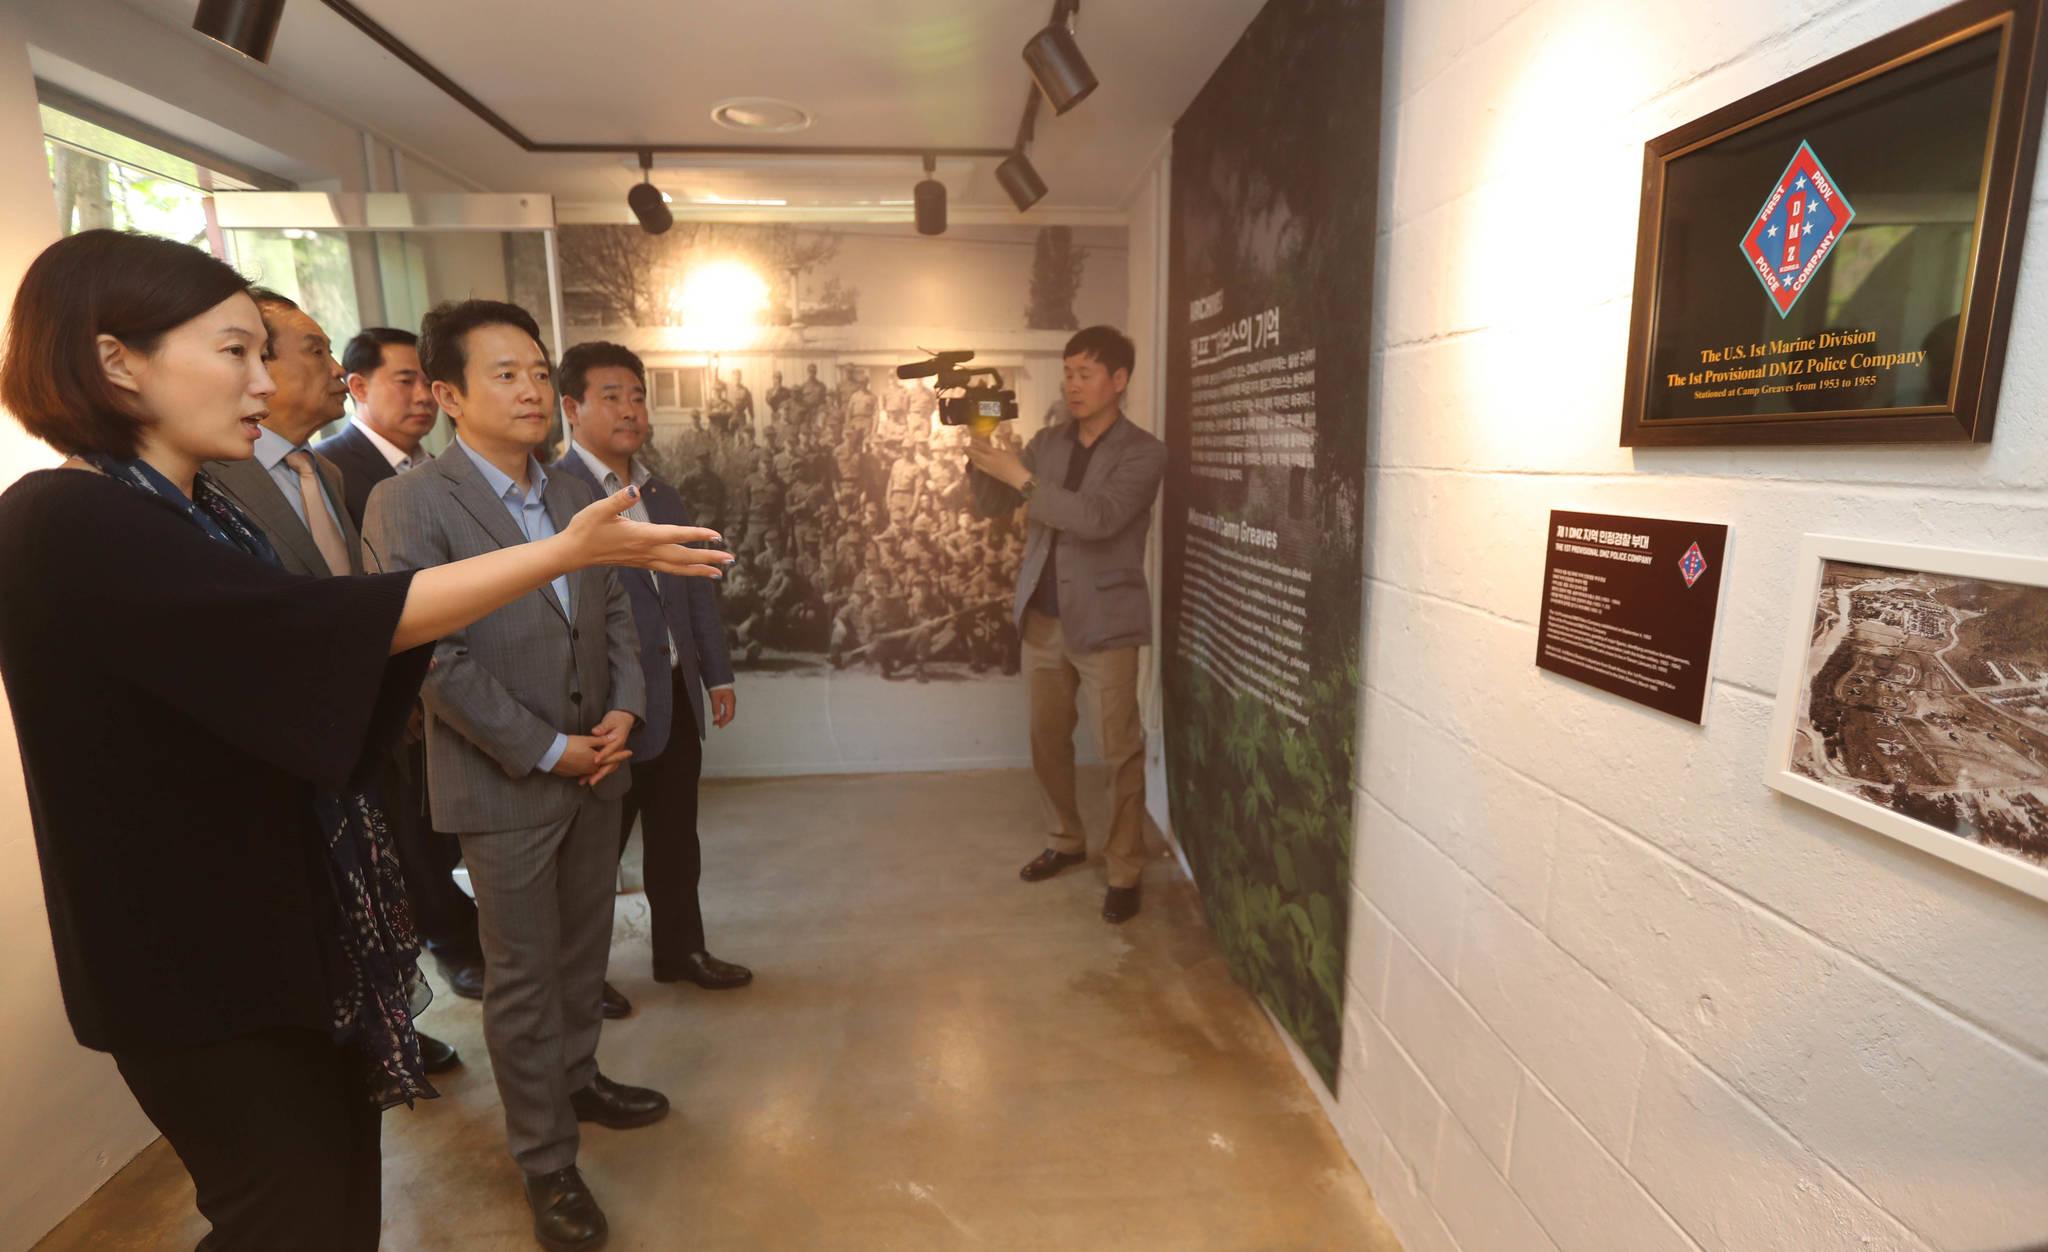 'DMZ 캠프 그리브스-기억과 기다림' 문화전시 행사 개막식에 참석한 남경필 경기도지사가 전시 물품을 살펴보고 있다. 신인섭기자